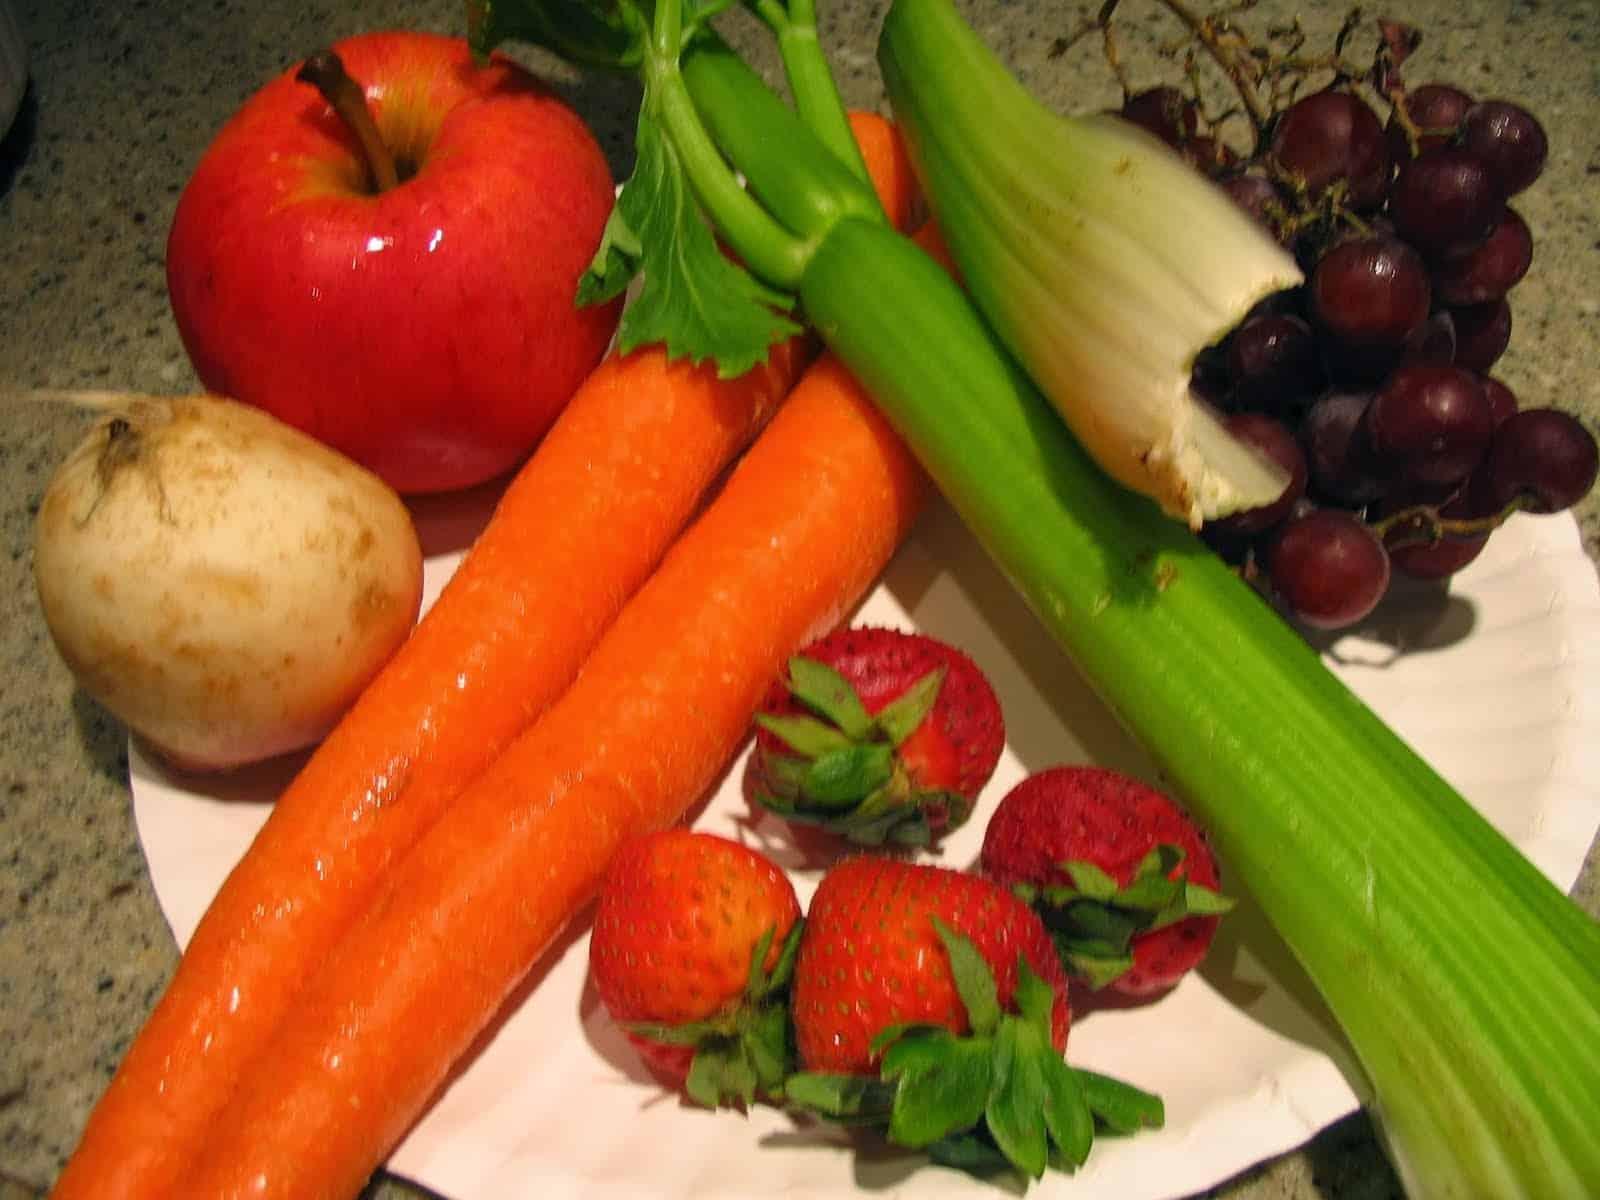 Dieta ogórkowa – czyli dieta pozwalająca nam schudnąć jedząc ogórki